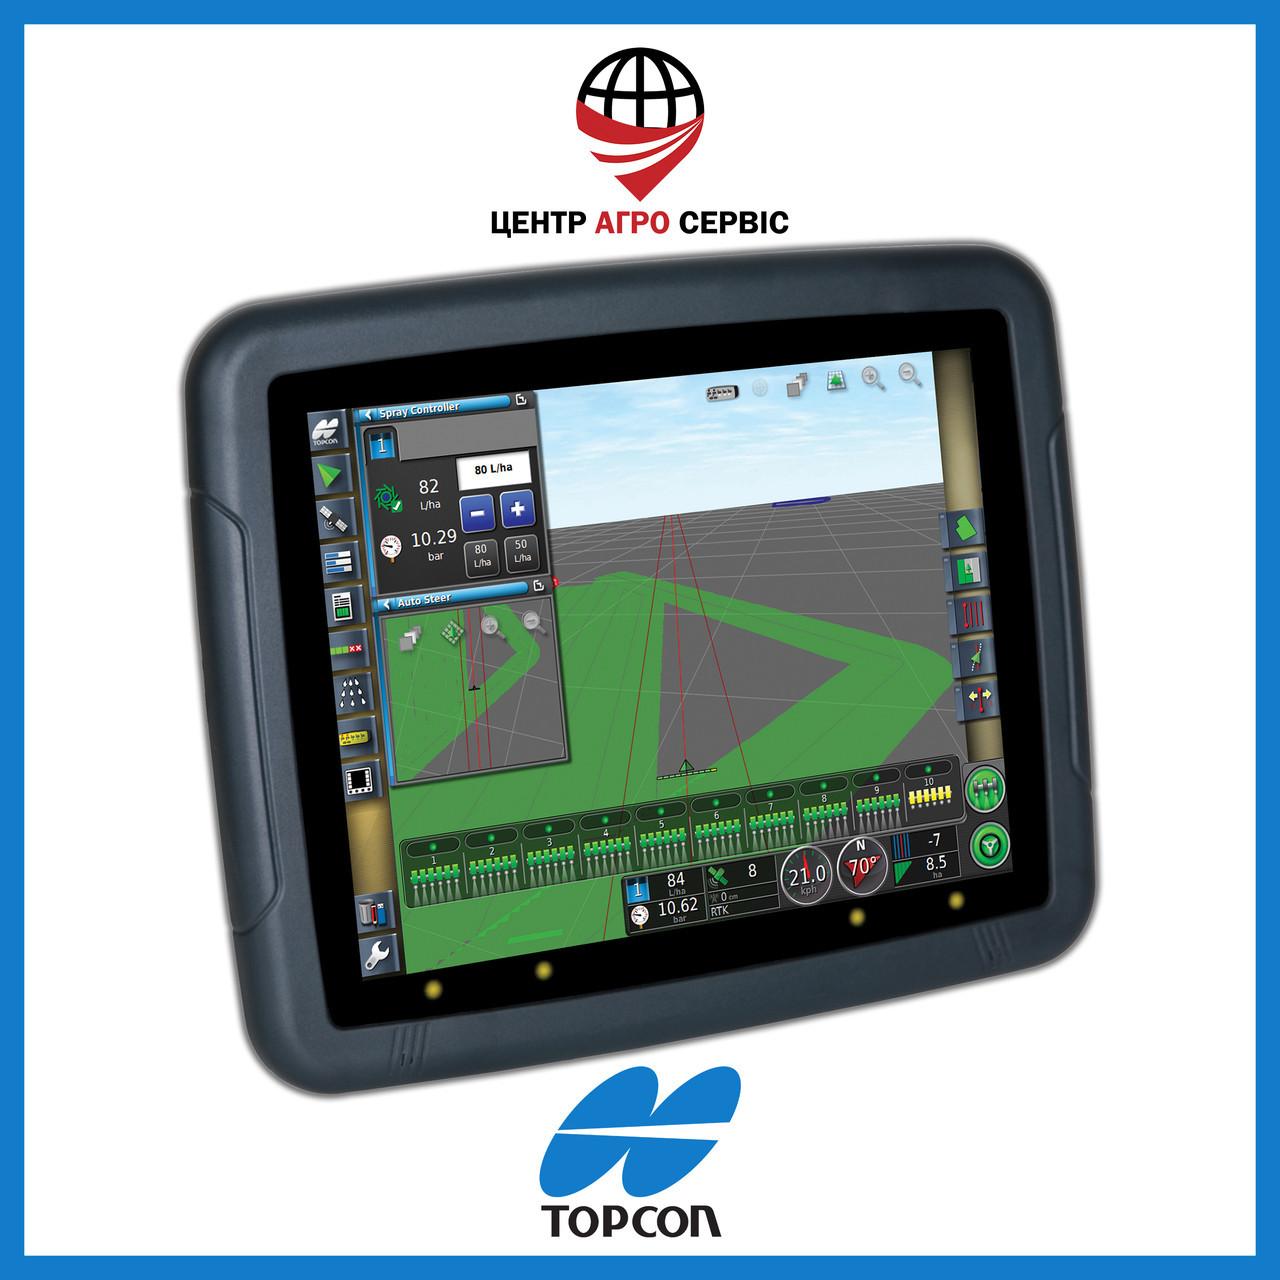 Gps навигатор для трактора (навигатор для поля, сельхоз навигатор)  Топкон 30